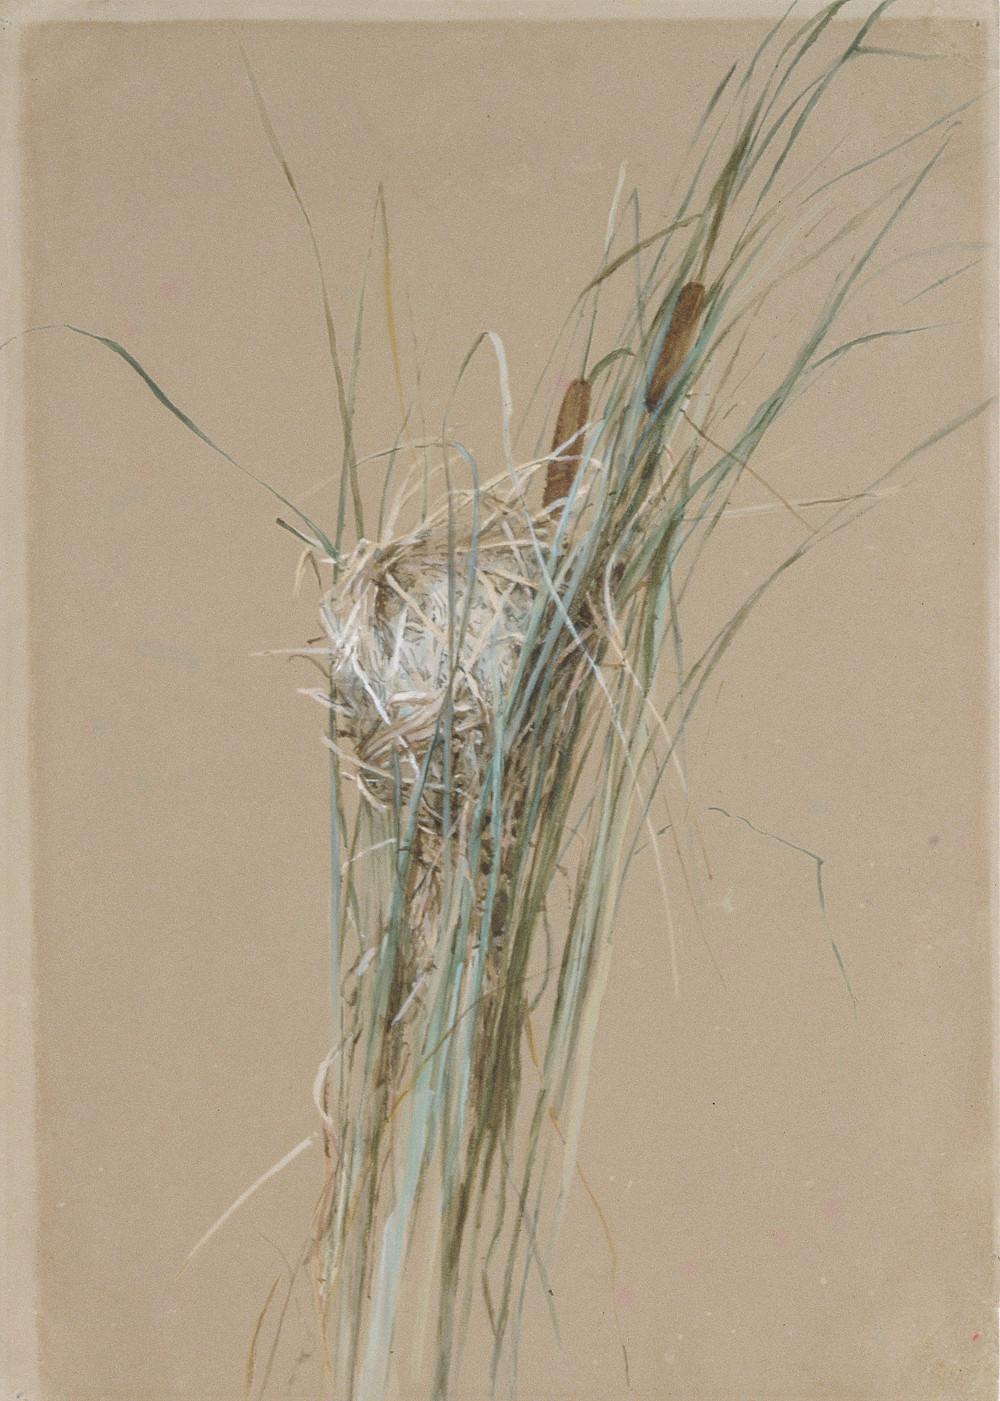 Bird's Nest in Cattails (1875) by Fidelia Bridges (1834 - 1923)